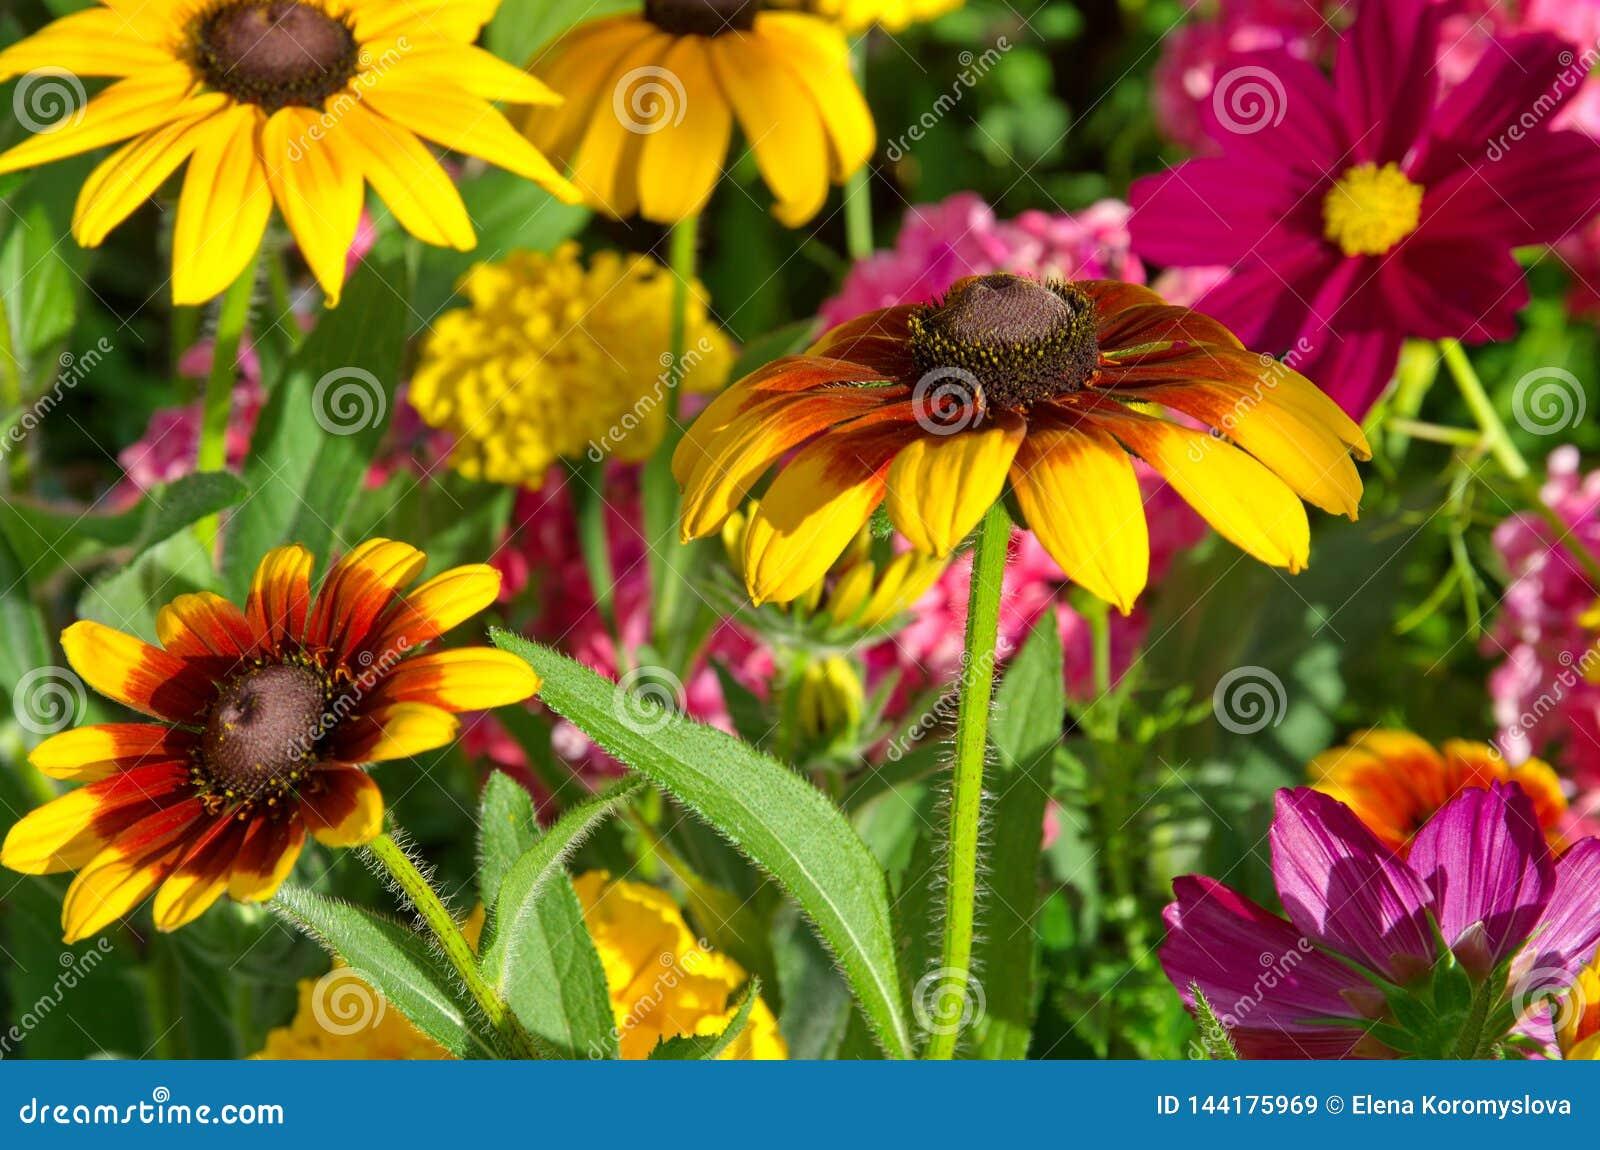 黄金菊花在庭院里开花